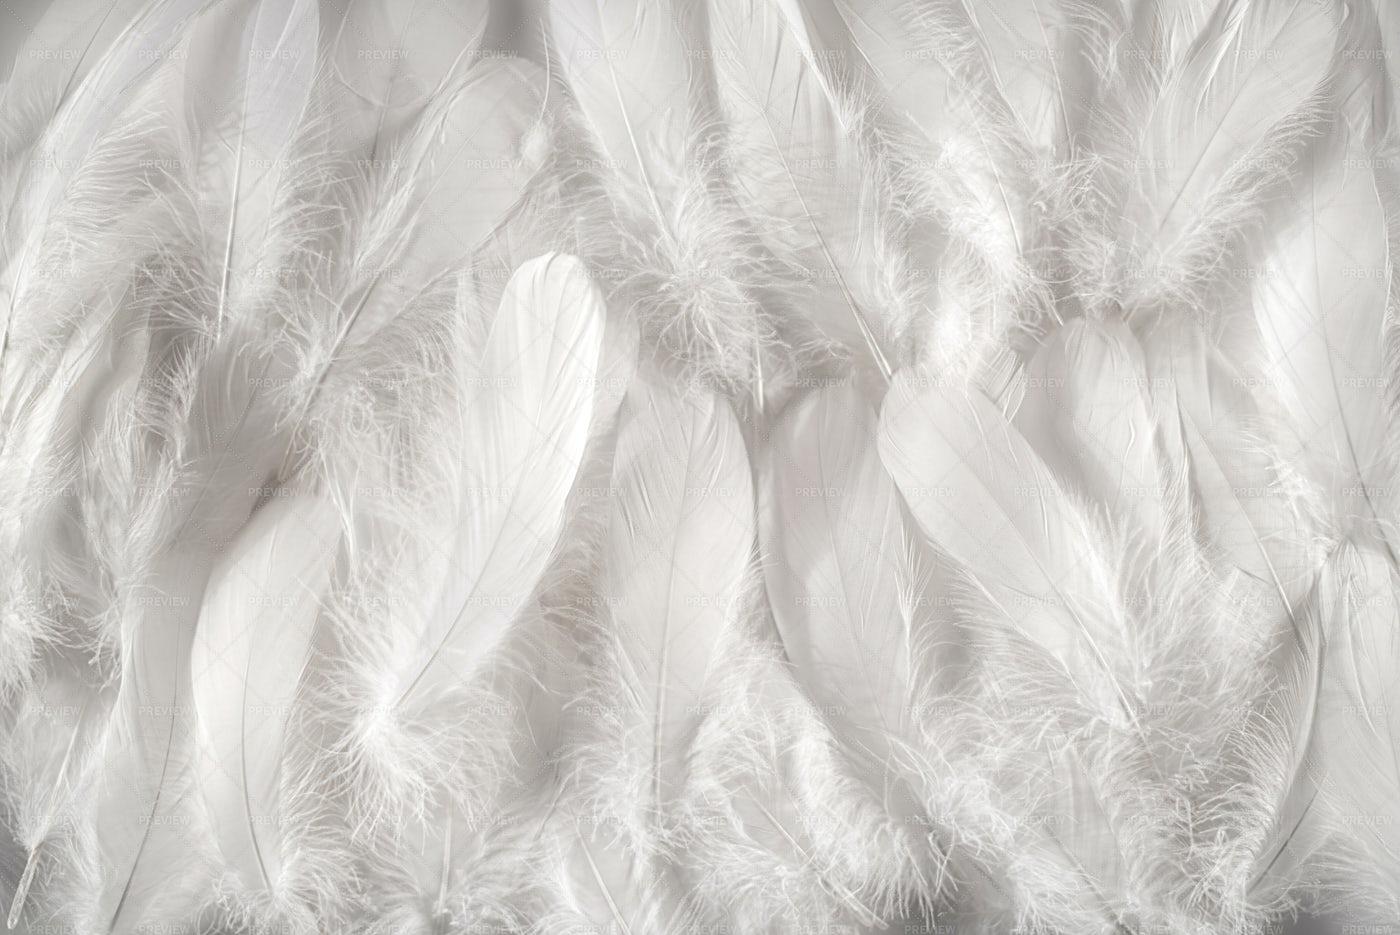 White Feathers: Stock Photos